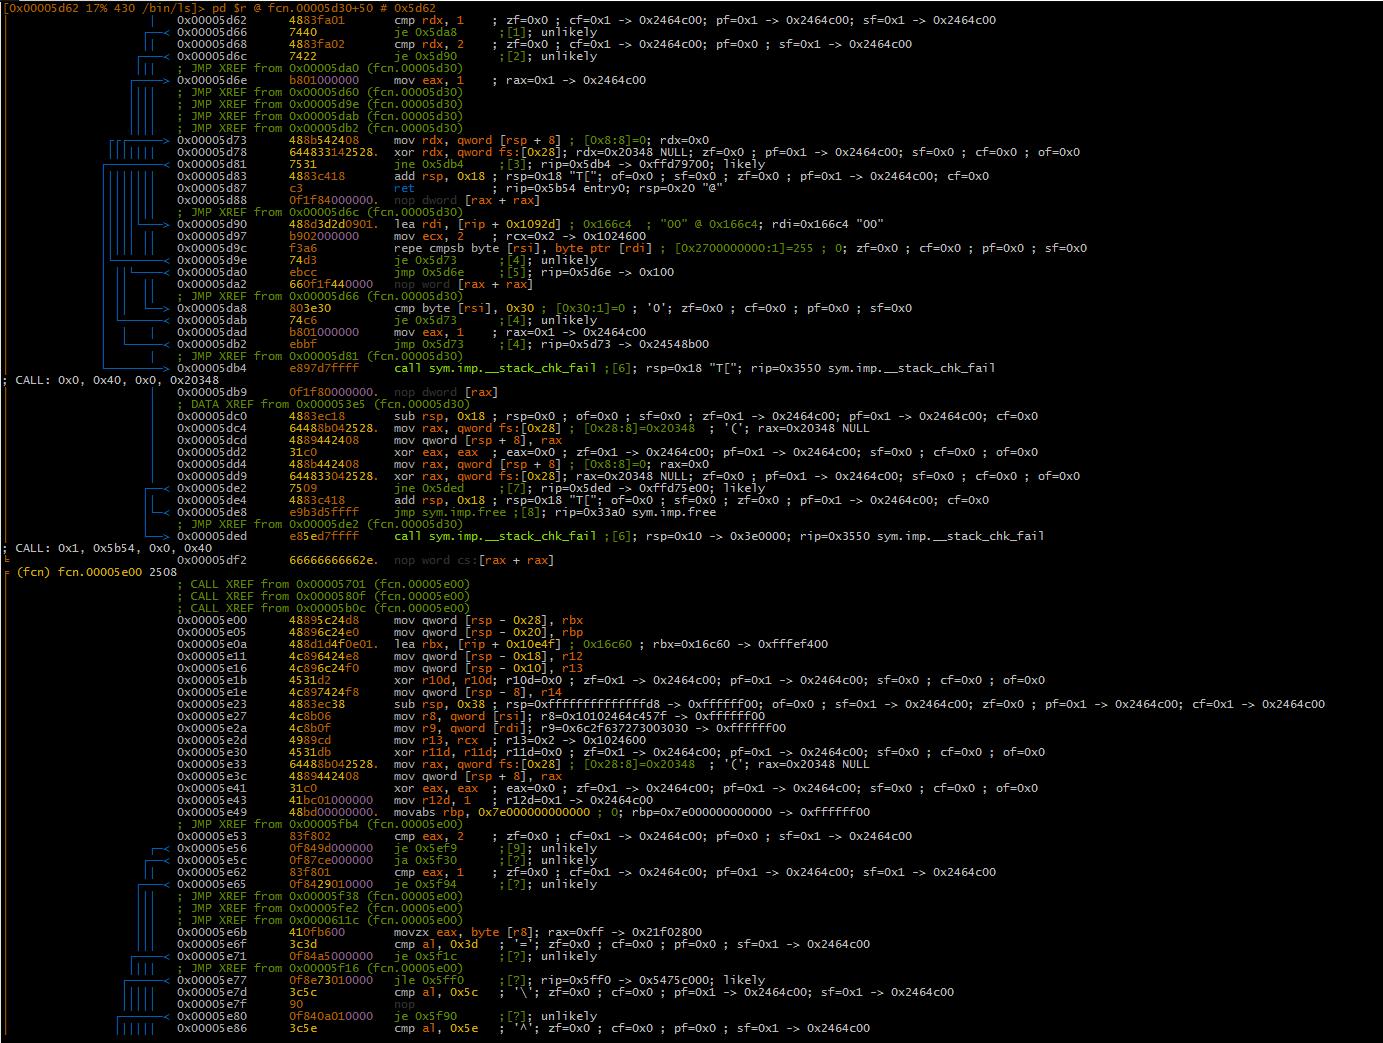 Рис. 3. Результат эмуляции участка кода с использованием ESIL